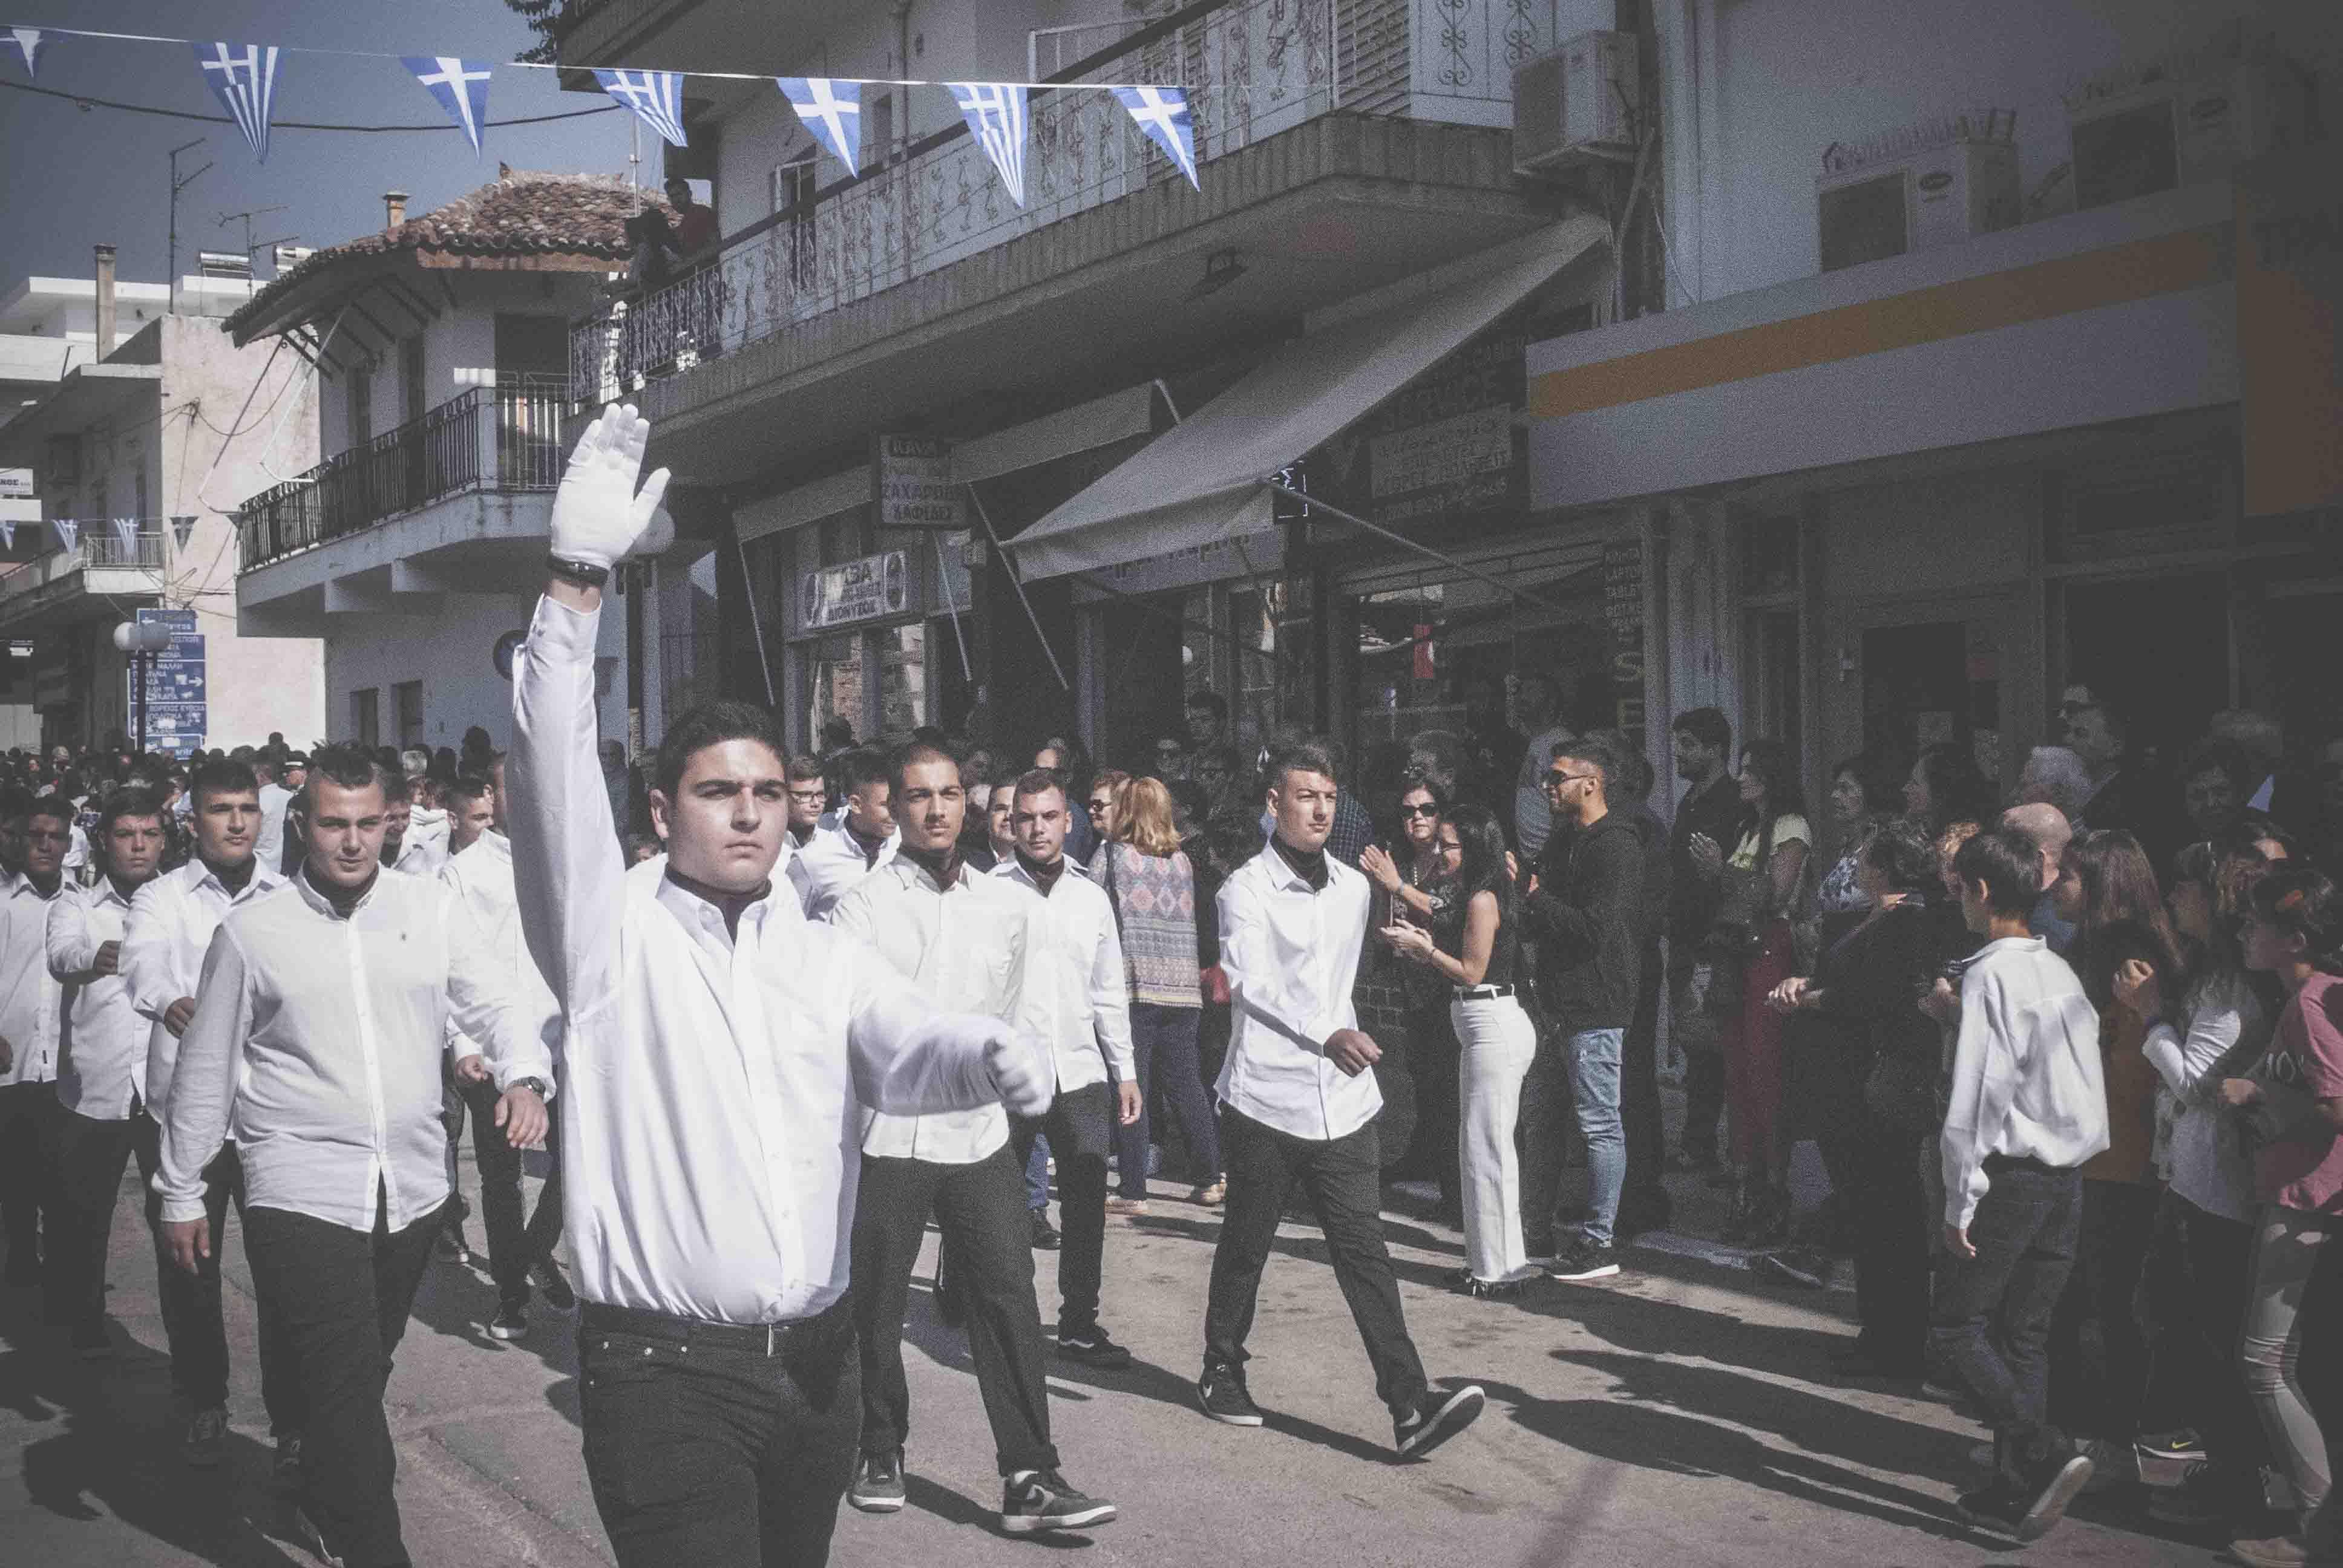 Η παρέλαση της 28ης Οκτωβρίου σε Καστέλλα και Ψαχνά (φωτό) DSC 0440